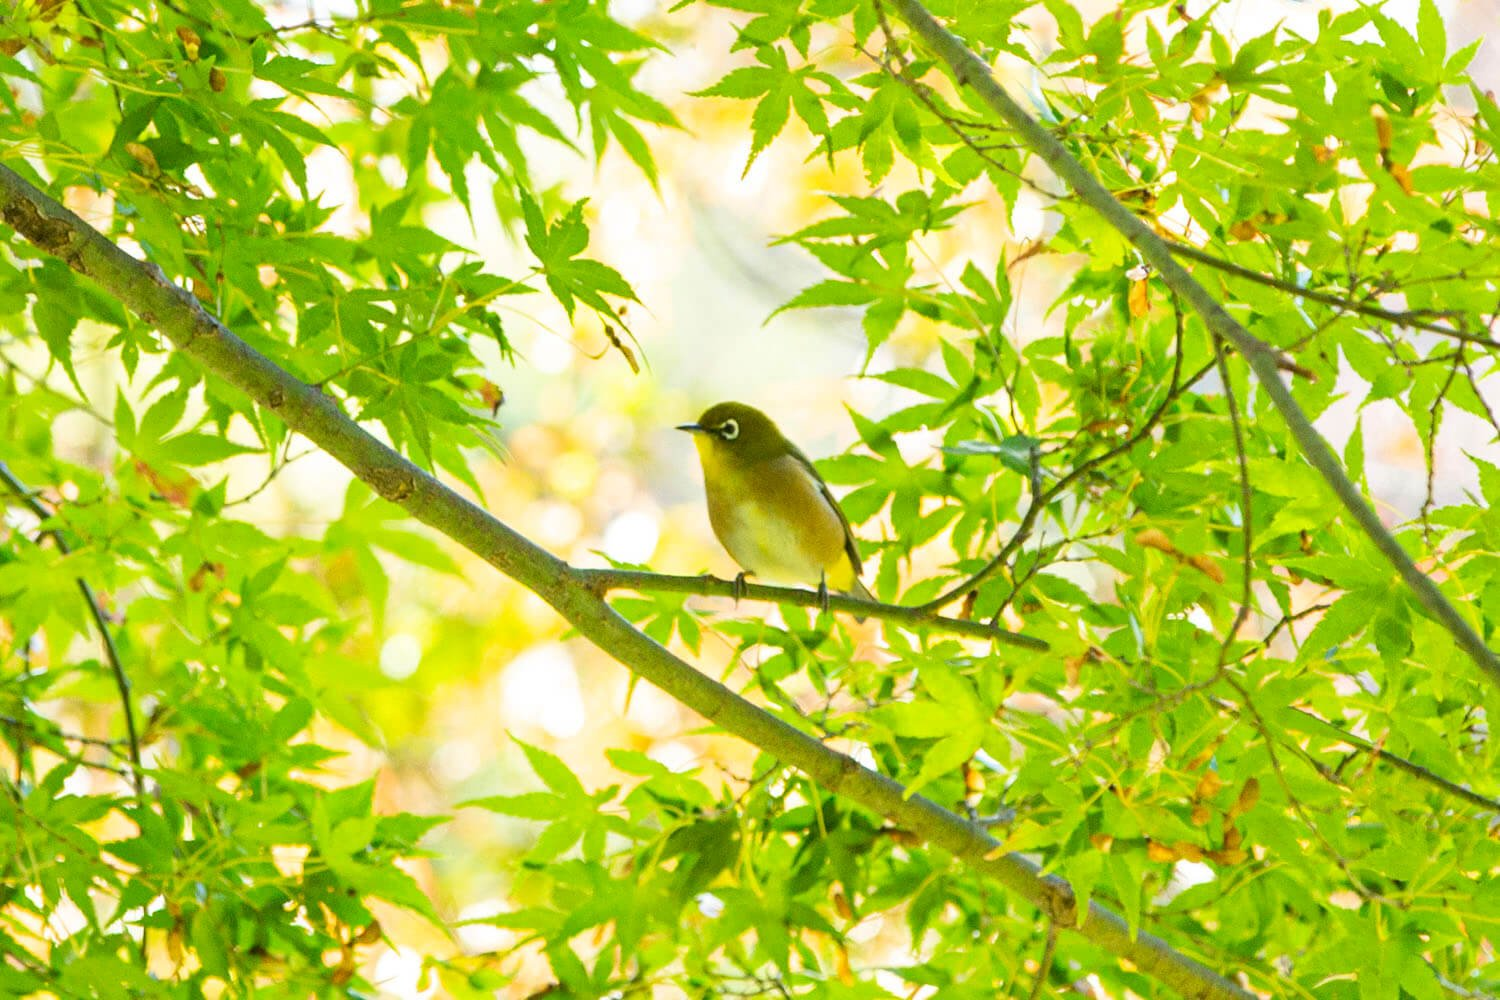 あちこちに野鳥が飛び交う。澄んだ鳴き声がにぎやかだ。